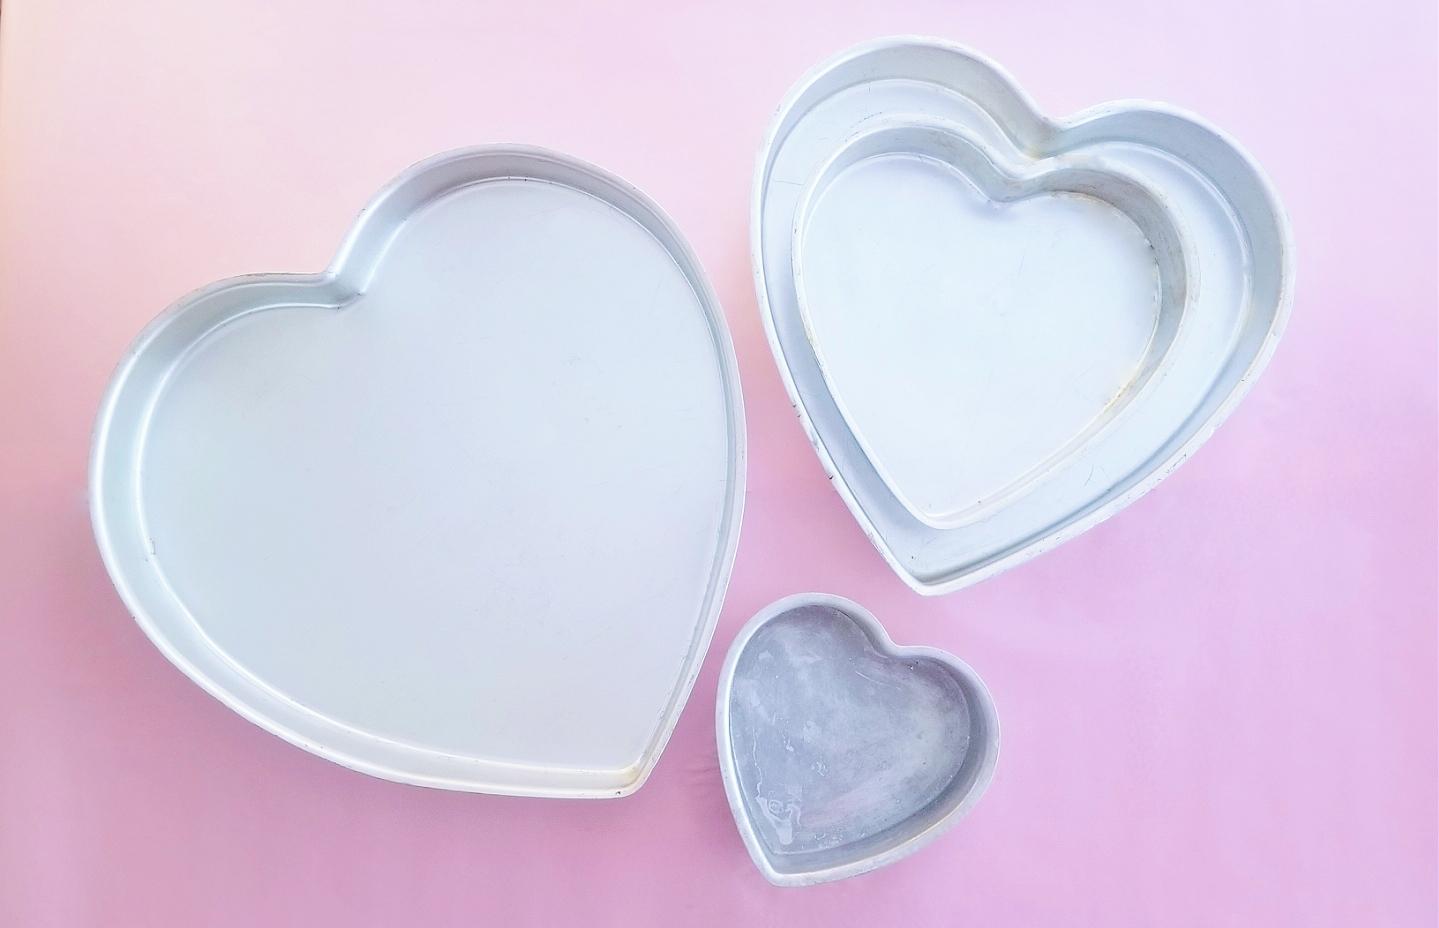 Heart pans